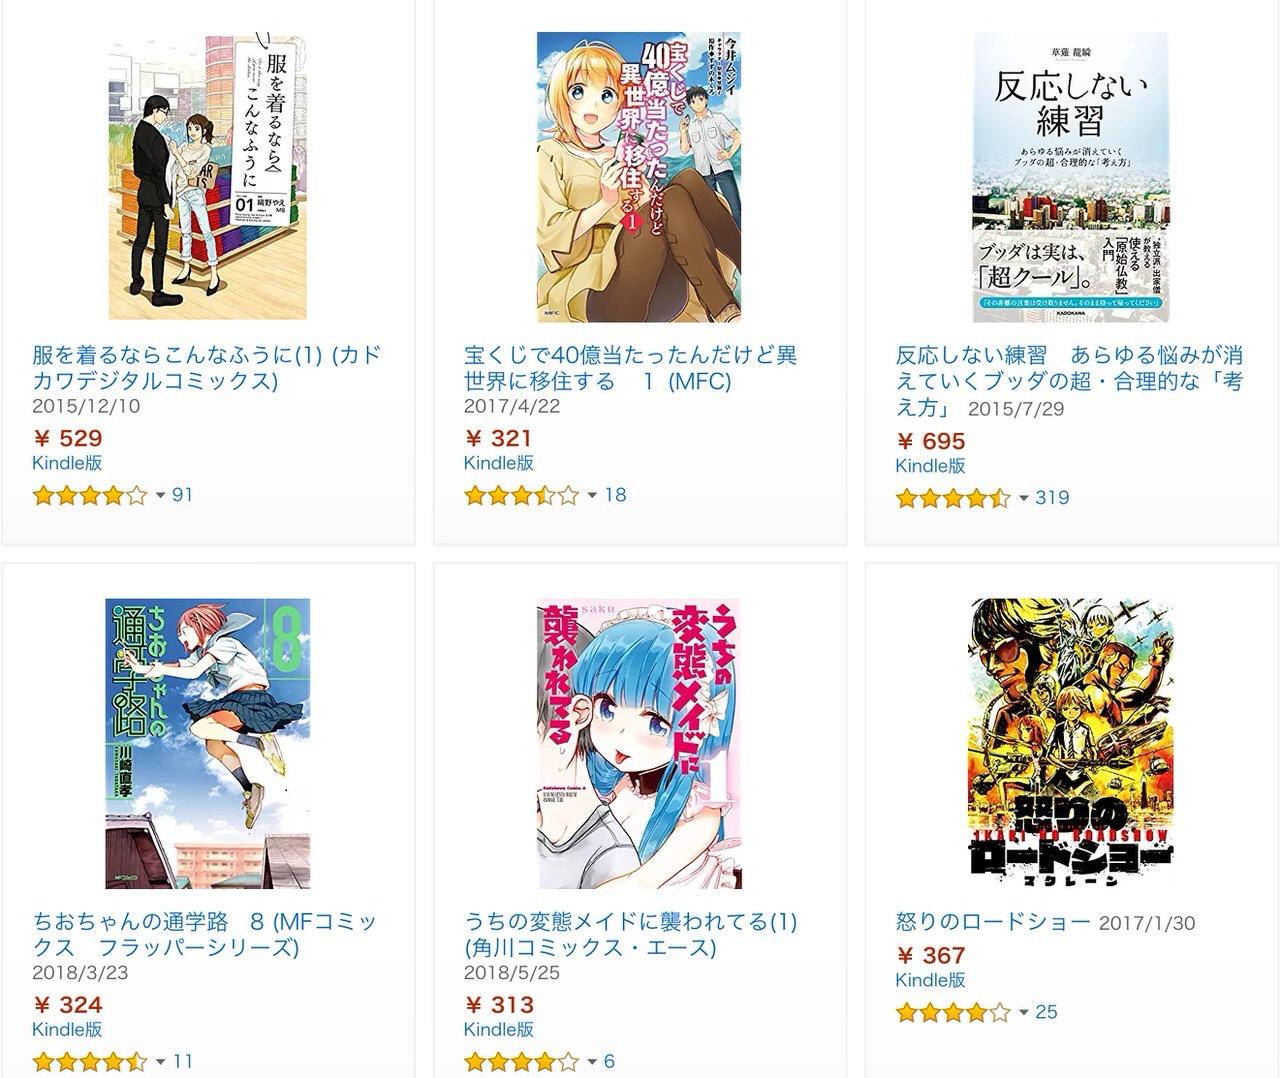 【Kindleセール】19,000冊以上が対象!50%OFF&1巻無料「ニコニコカドカワフェア2018」(10/11まで)